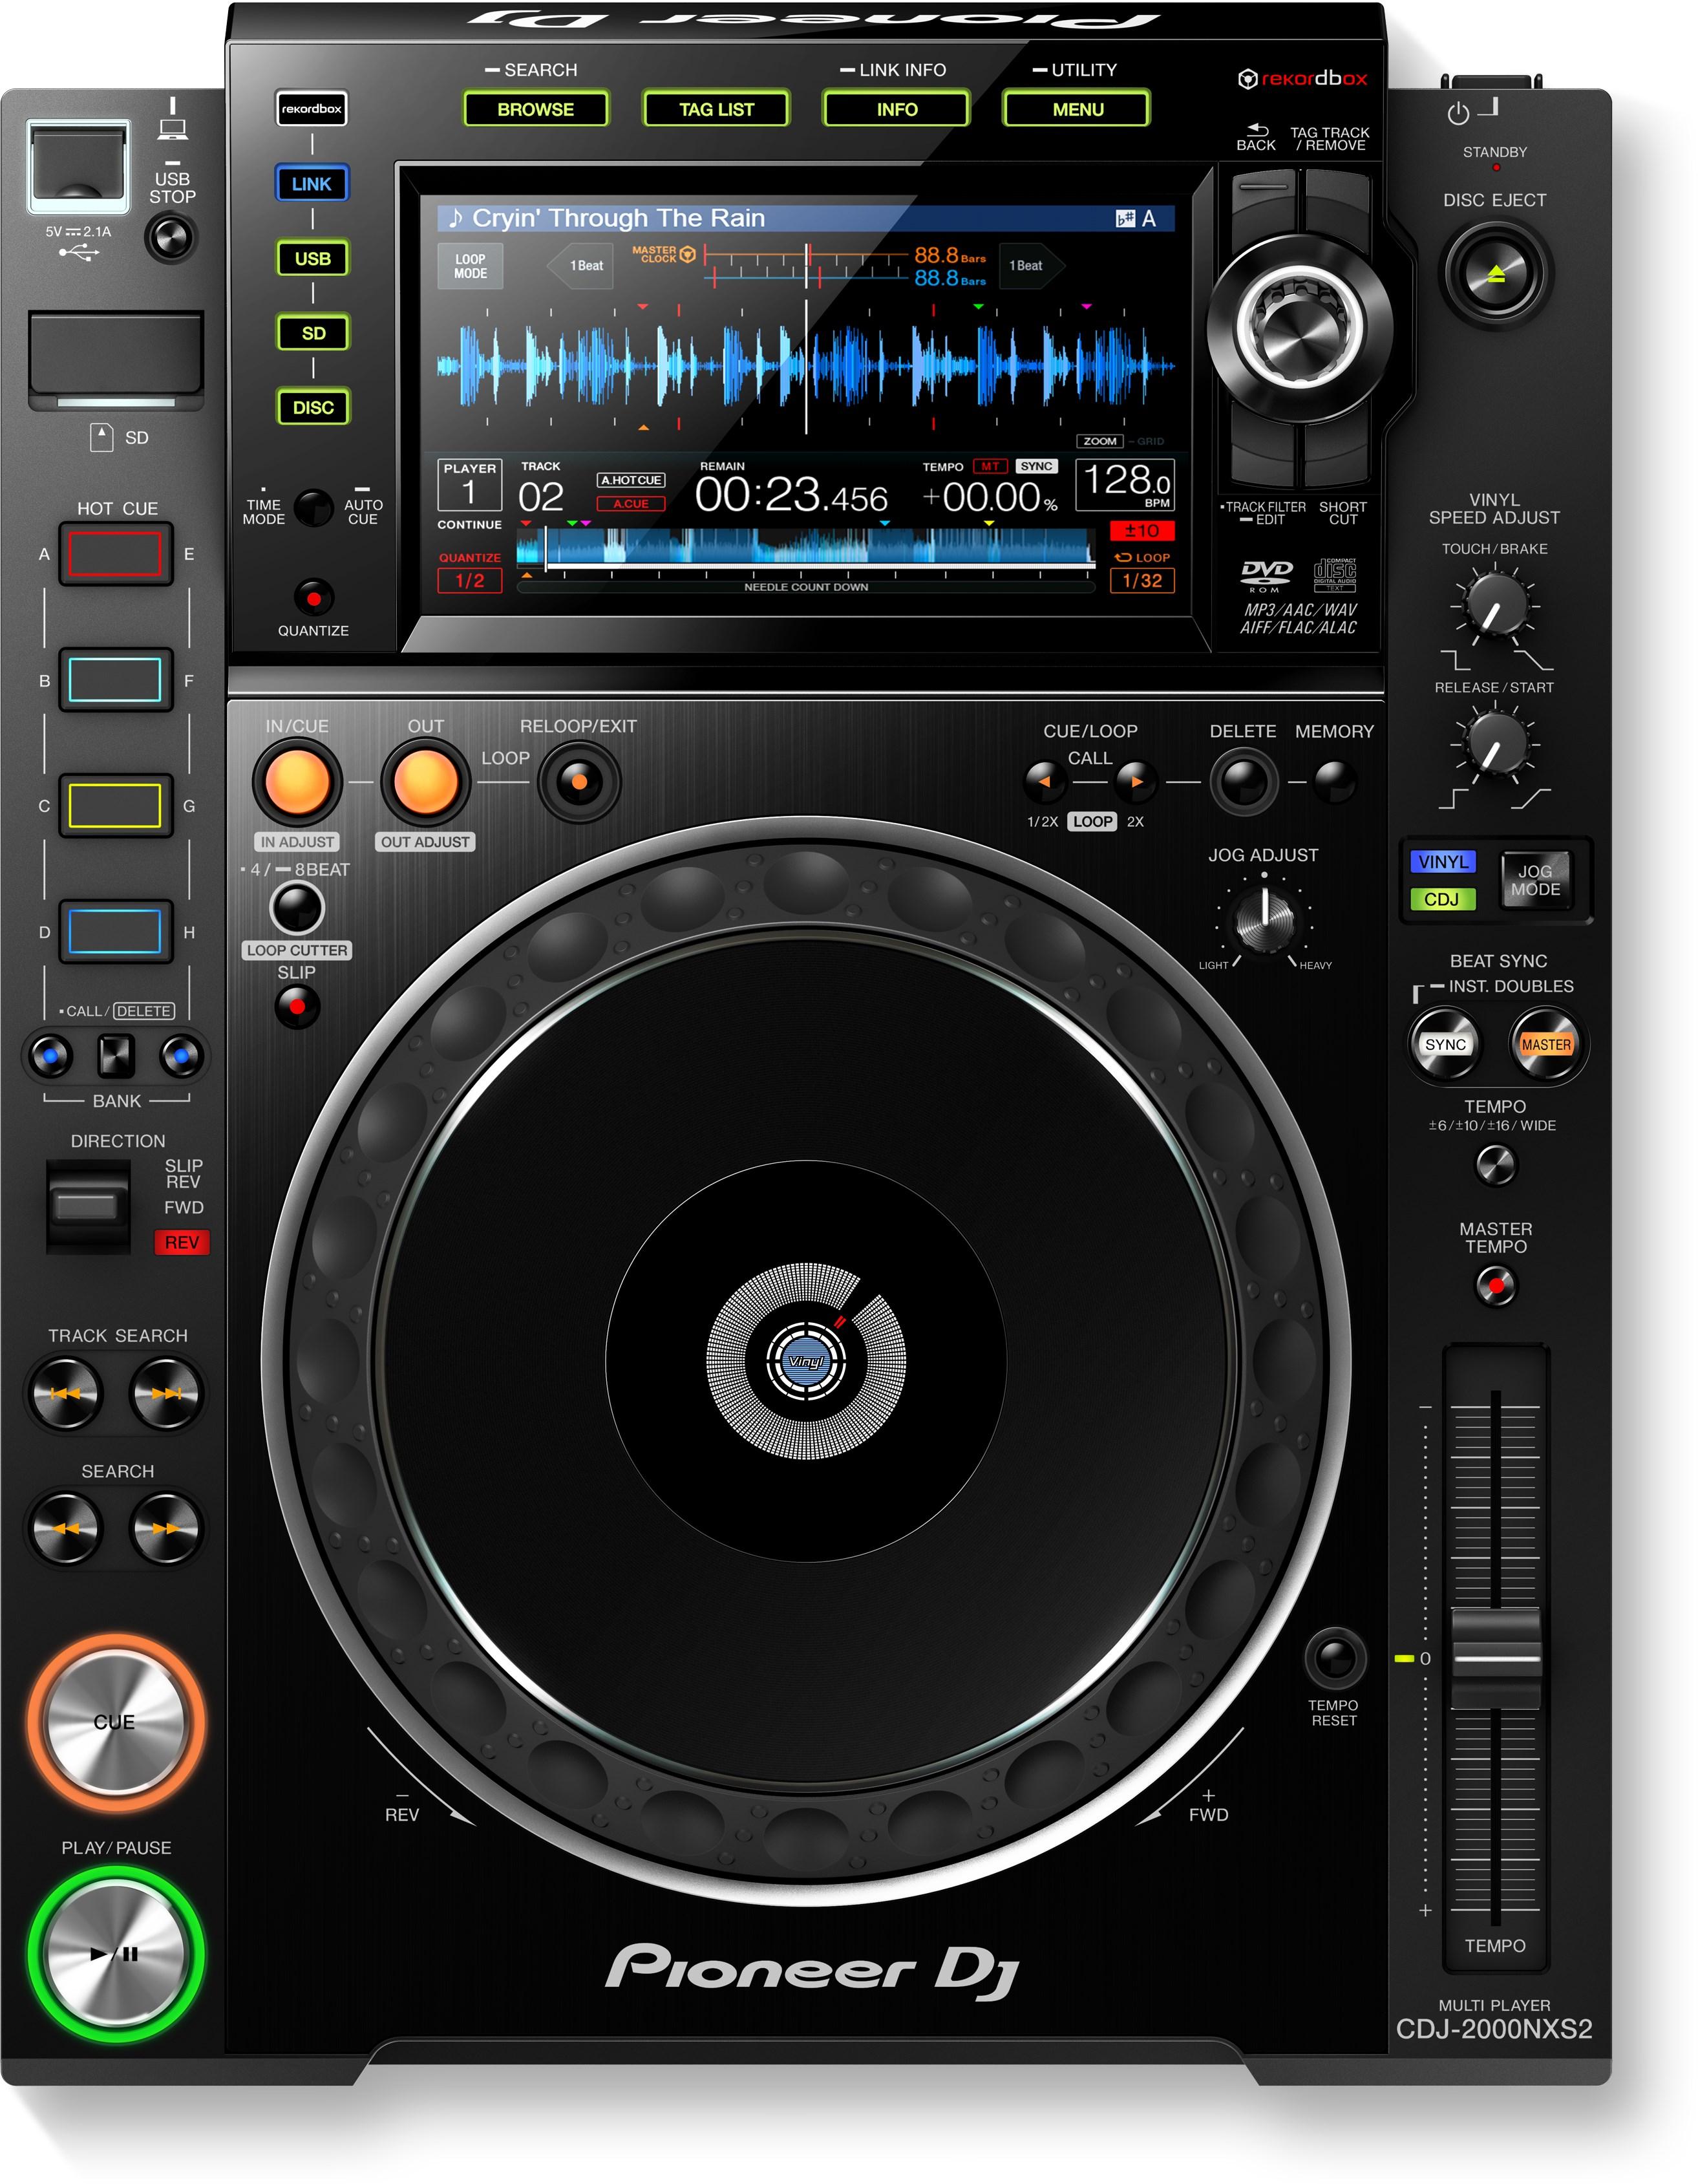 Pioneer CDJ-2000nexus2